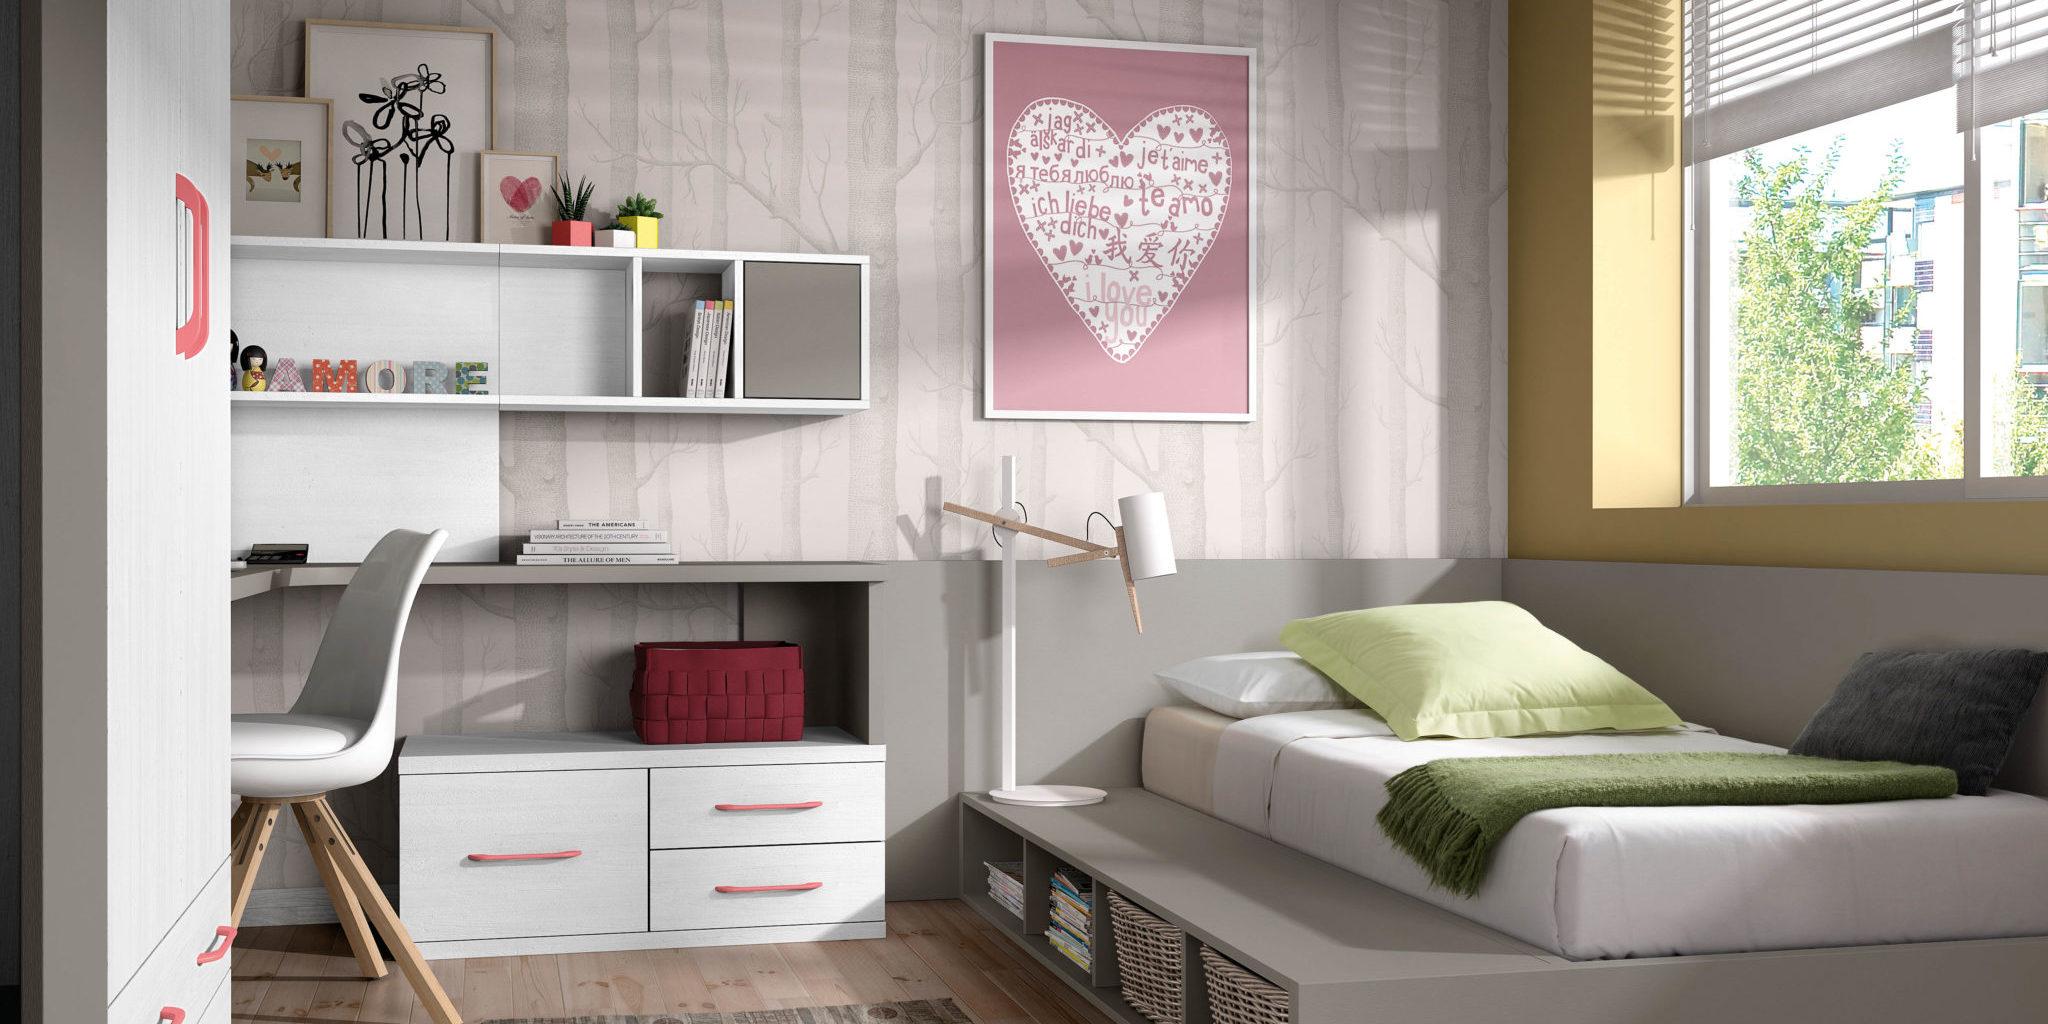 Montaje y dise o de una habitaci n juvenil - Diseno habitacion juvenil ...